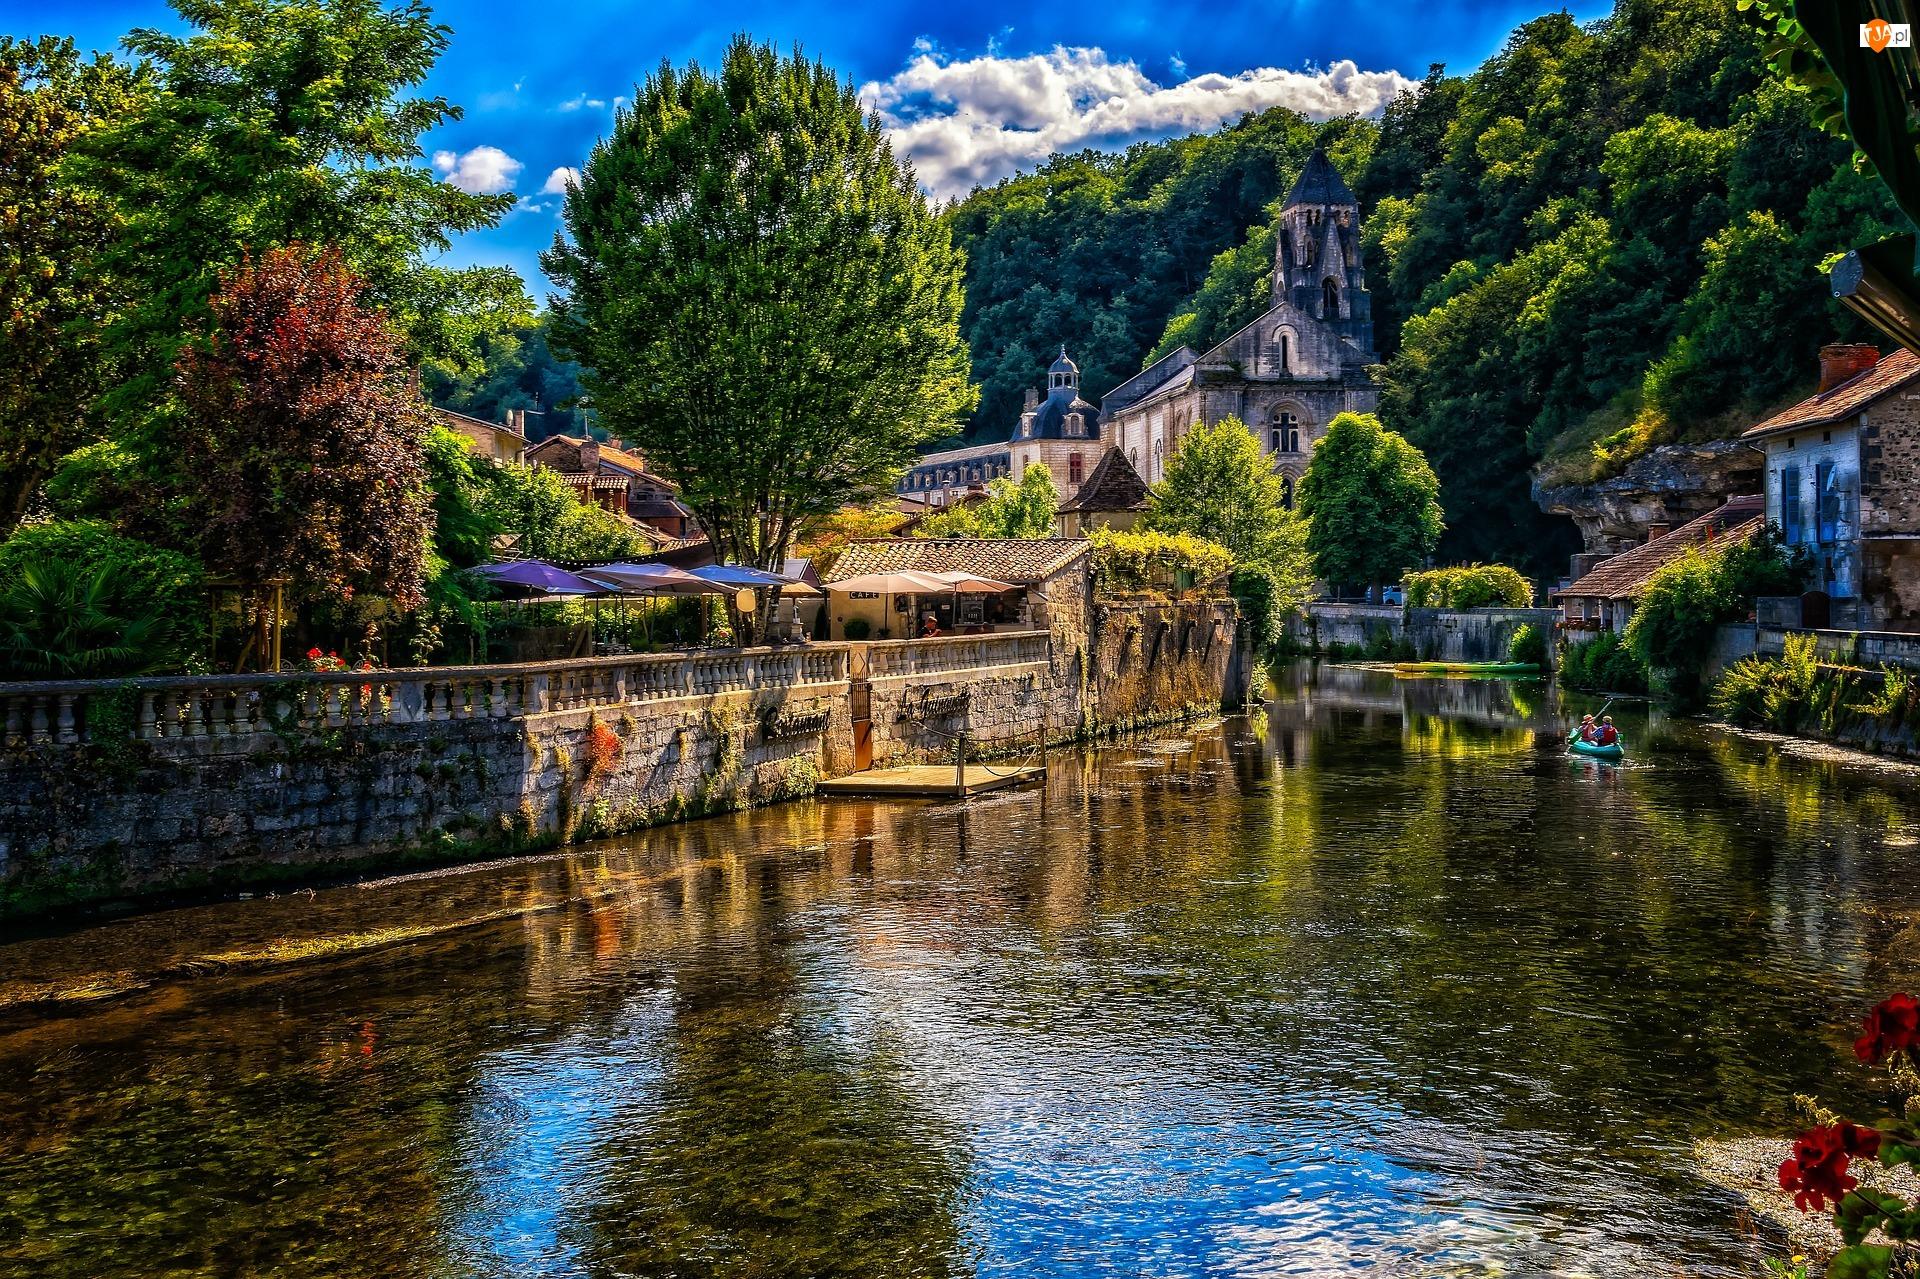 Francja, Miasto Brantome, Domy, Kajak, Rzeka, Roślinność